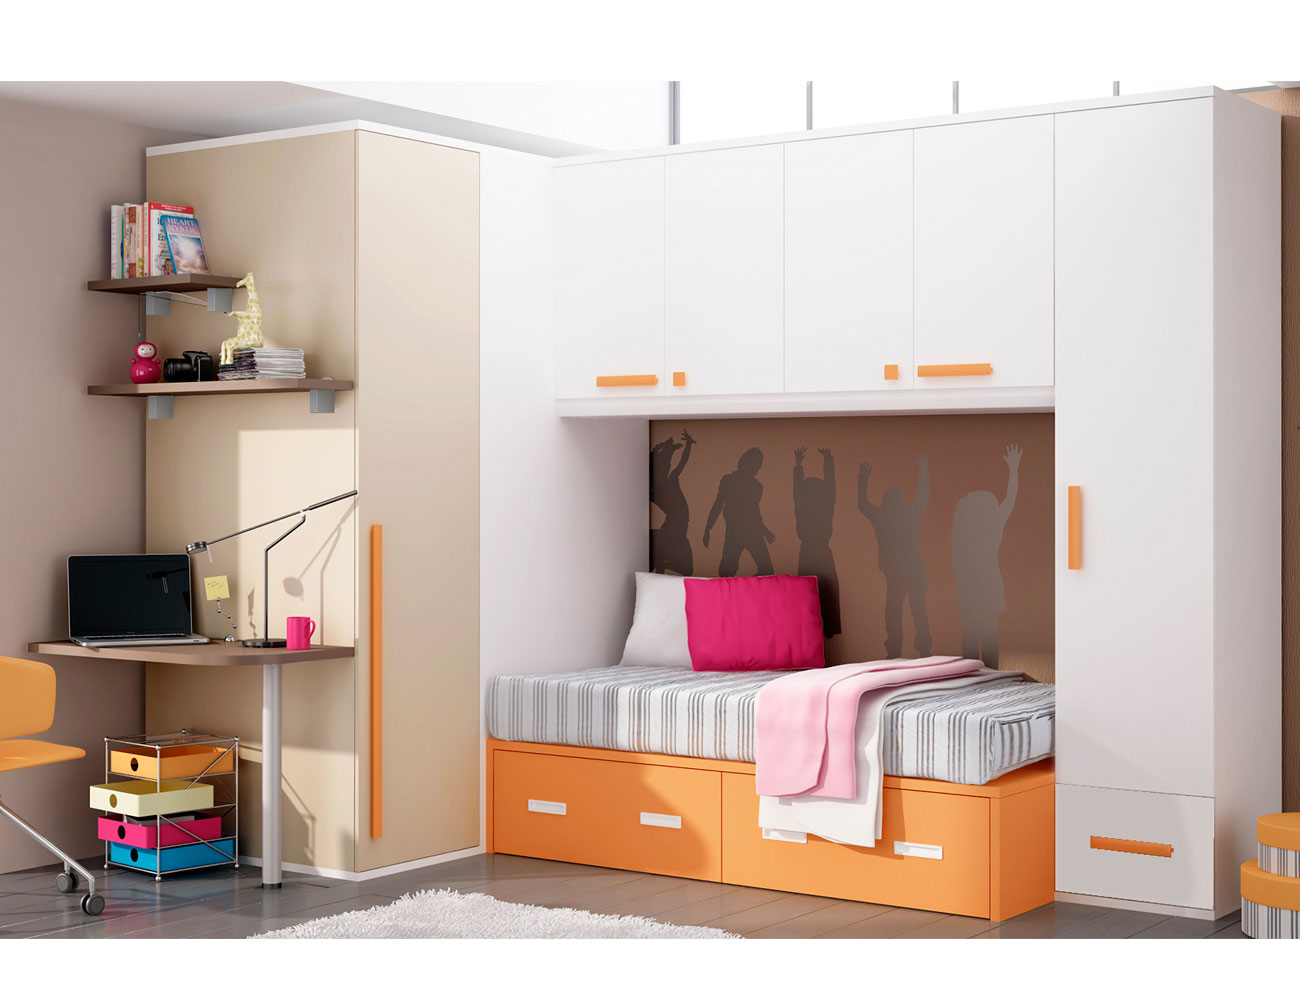 Dormitorio juvenil con armario vestidor y cama puente para for Dormitorios puente juveniles baratos